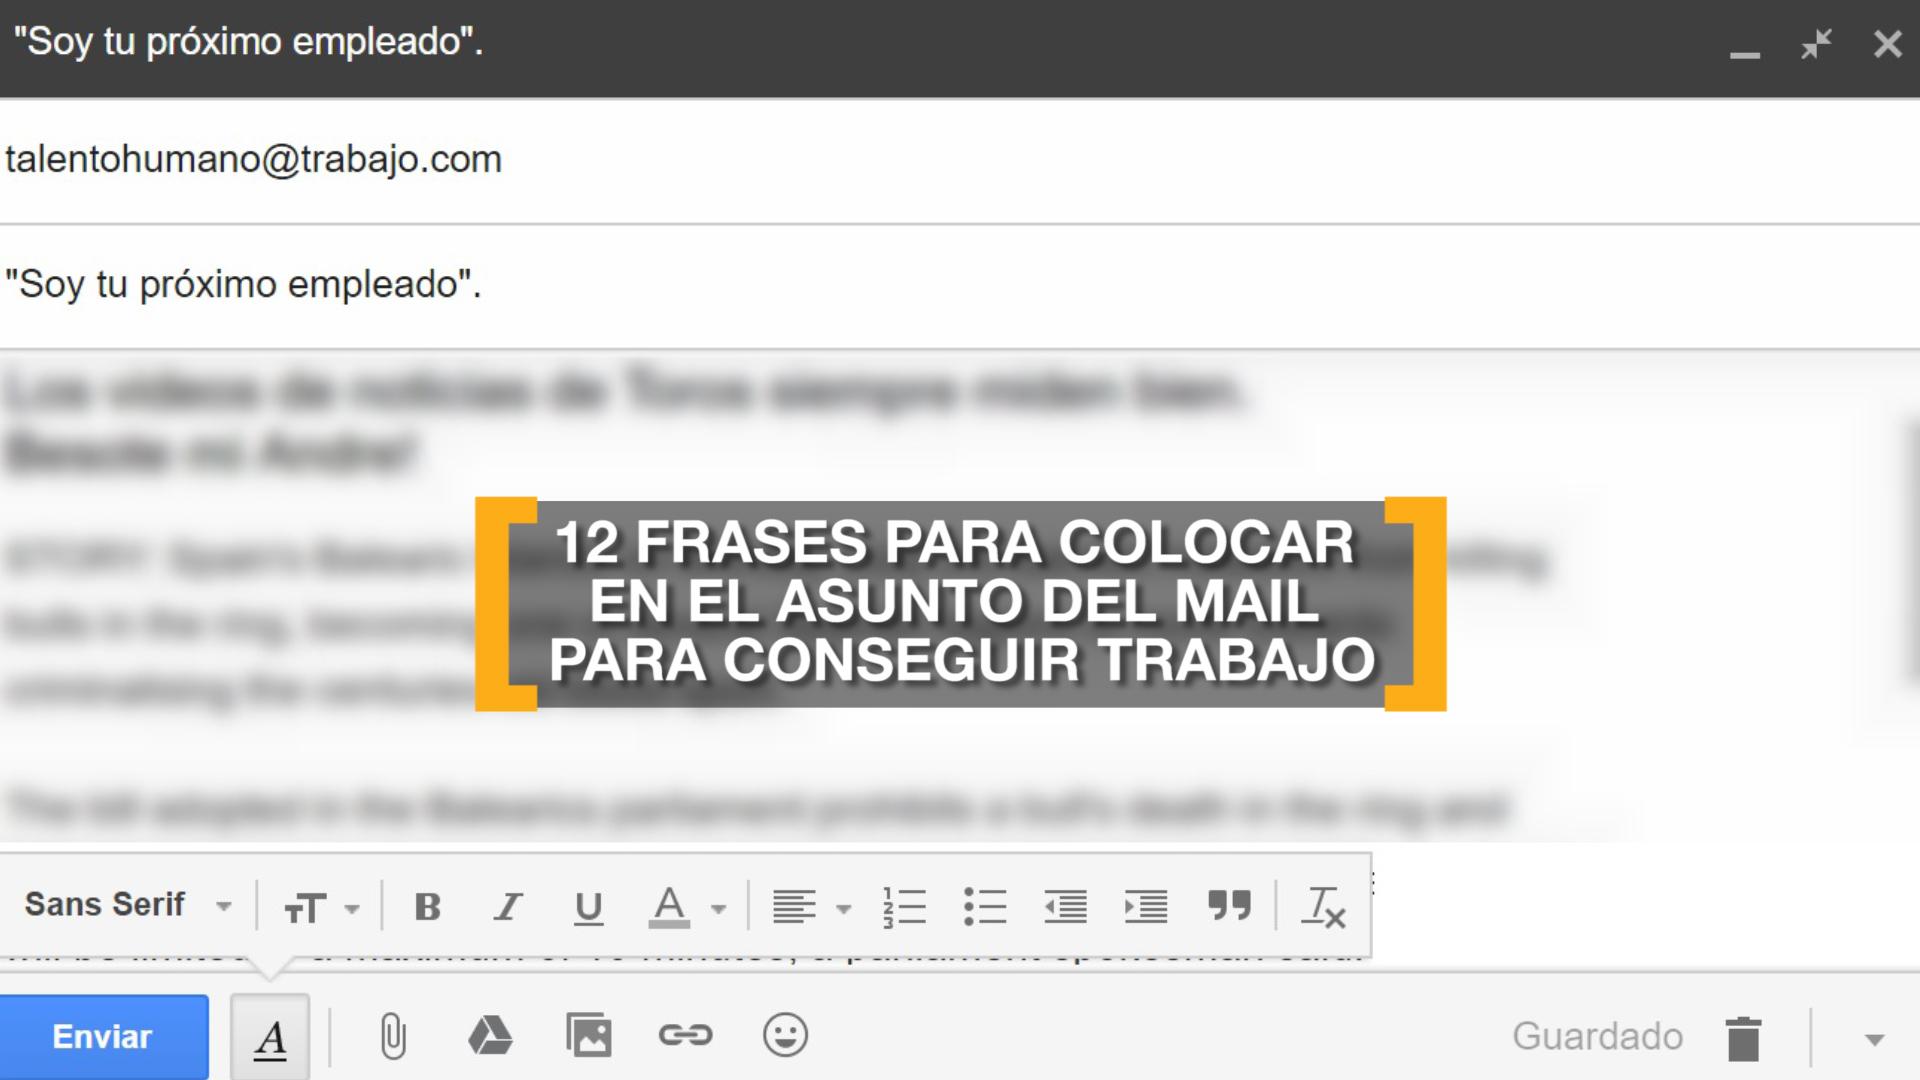 Qué poner en el asunto del mail para conseguir trabajo - Infobae